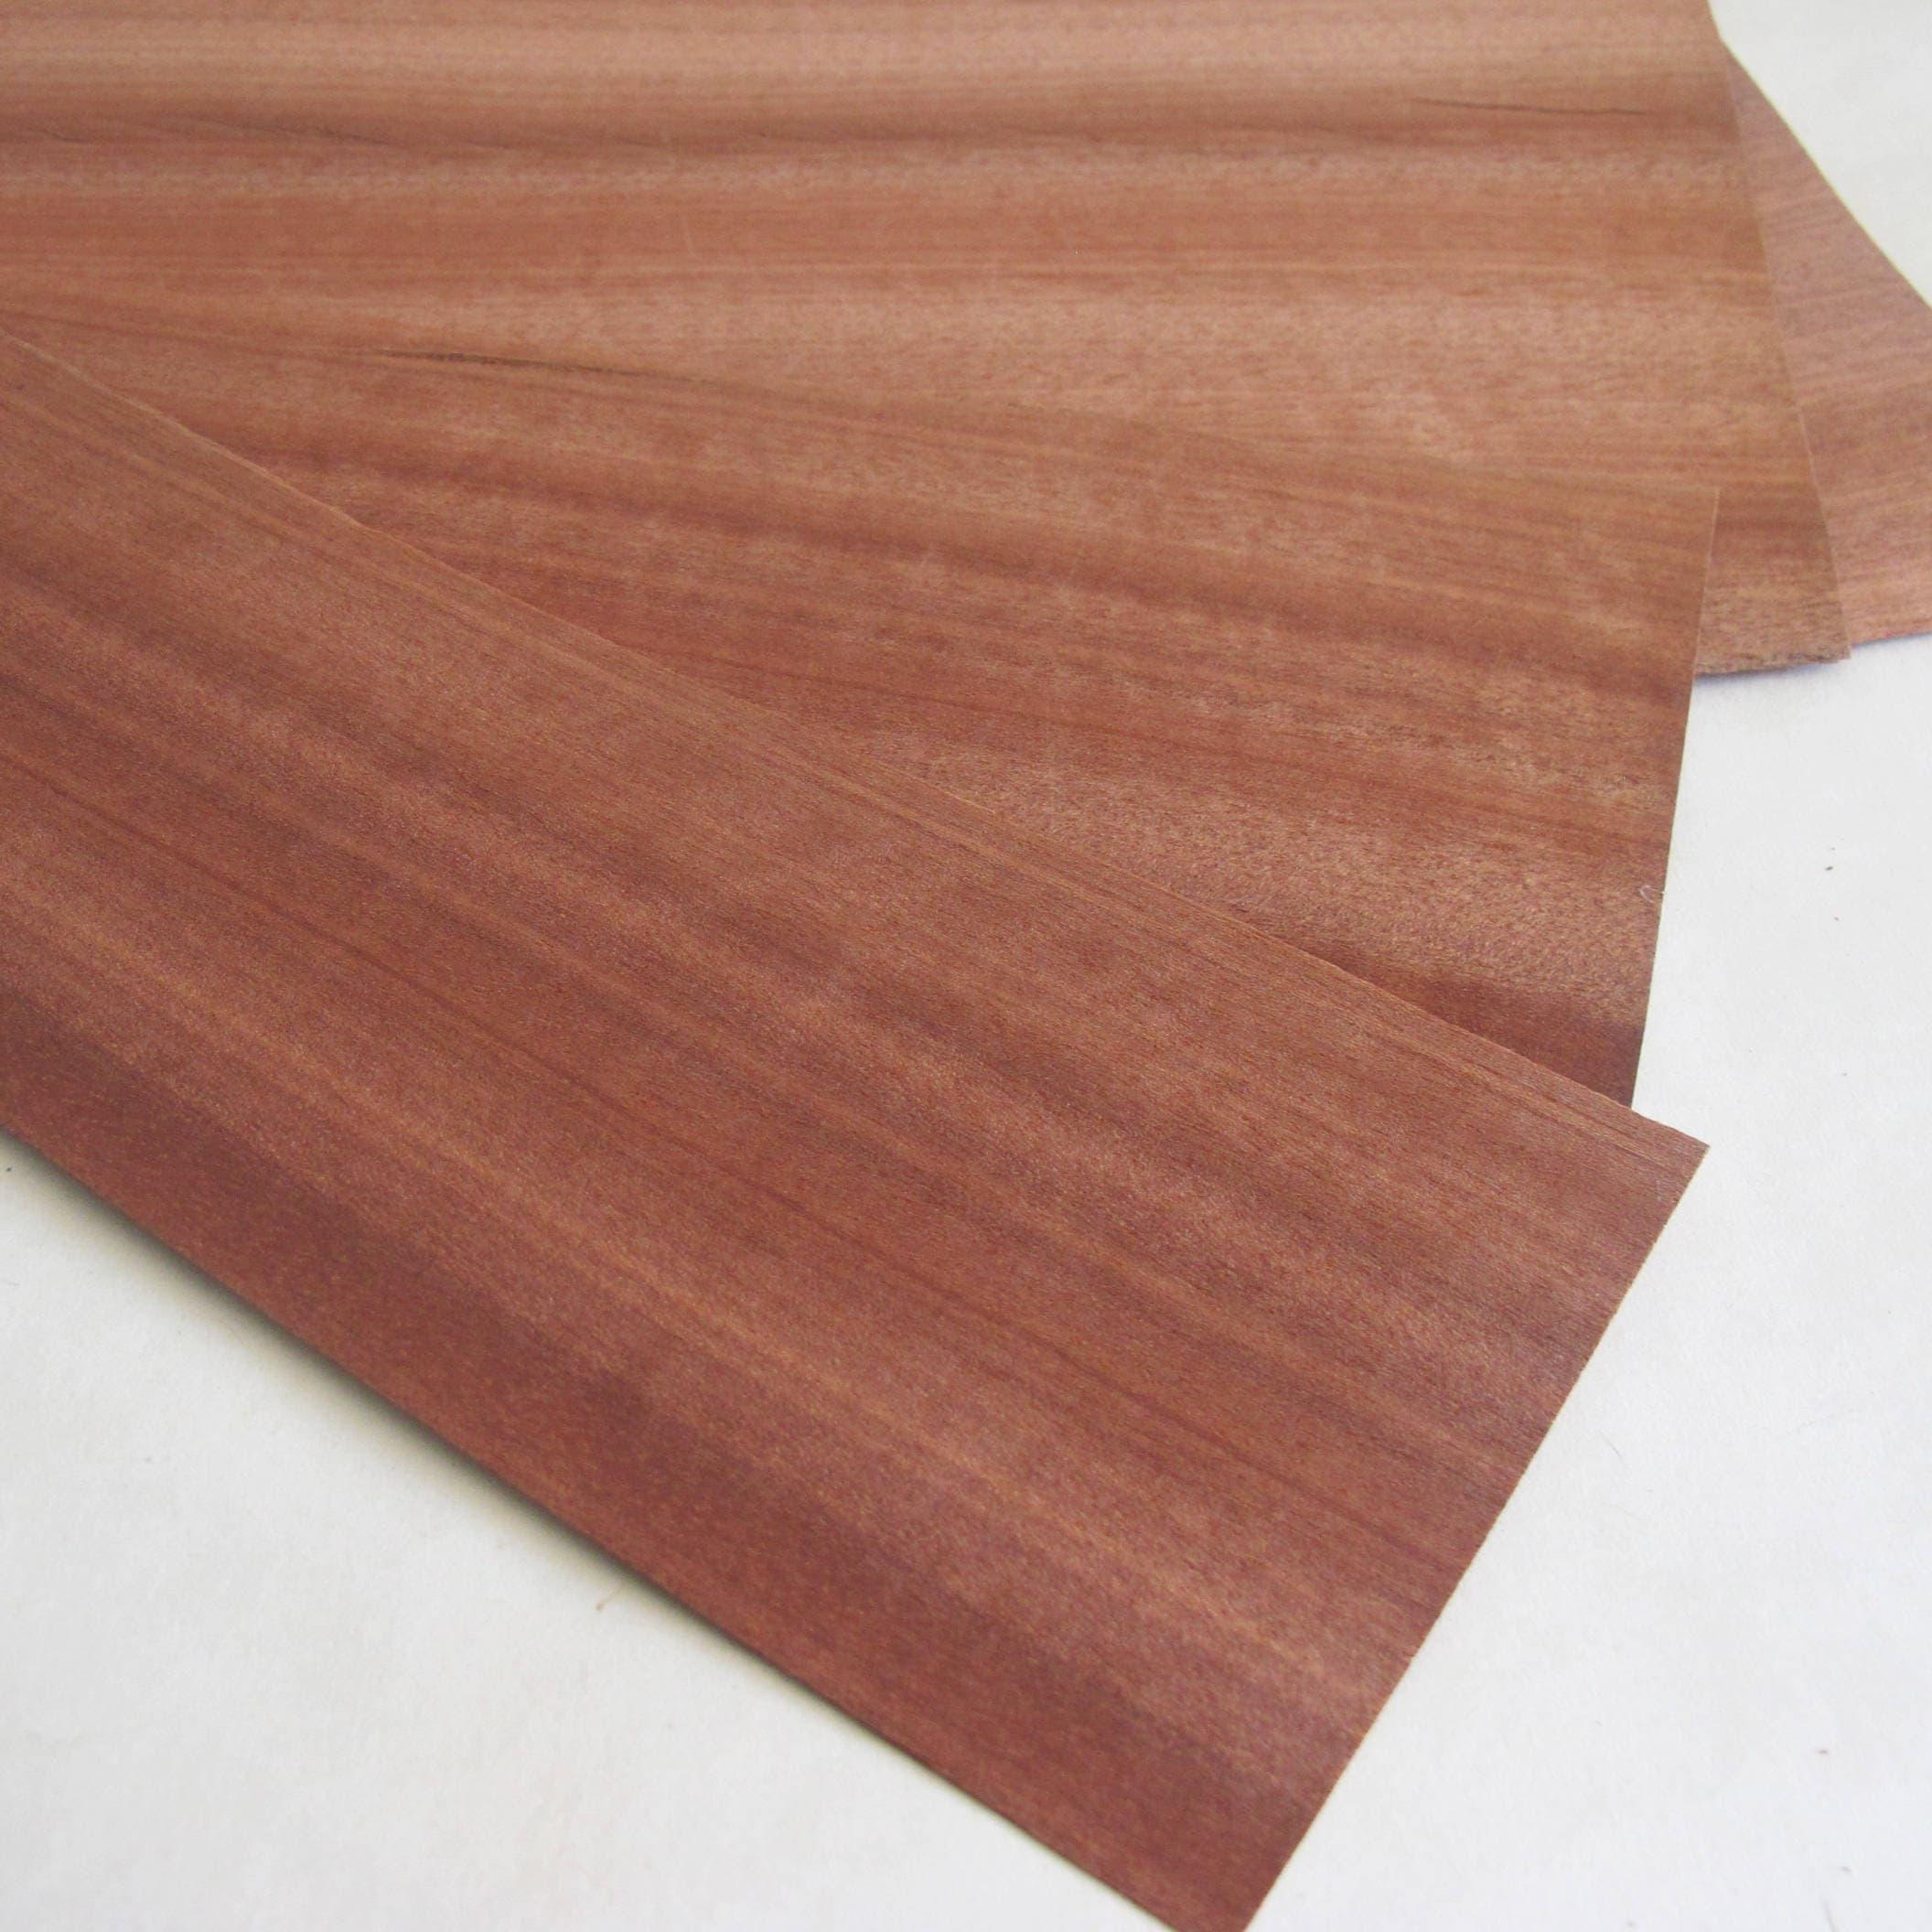 Natural wood veneer 5 wooden sheets wood veneer craft for Wood veneer craft projects